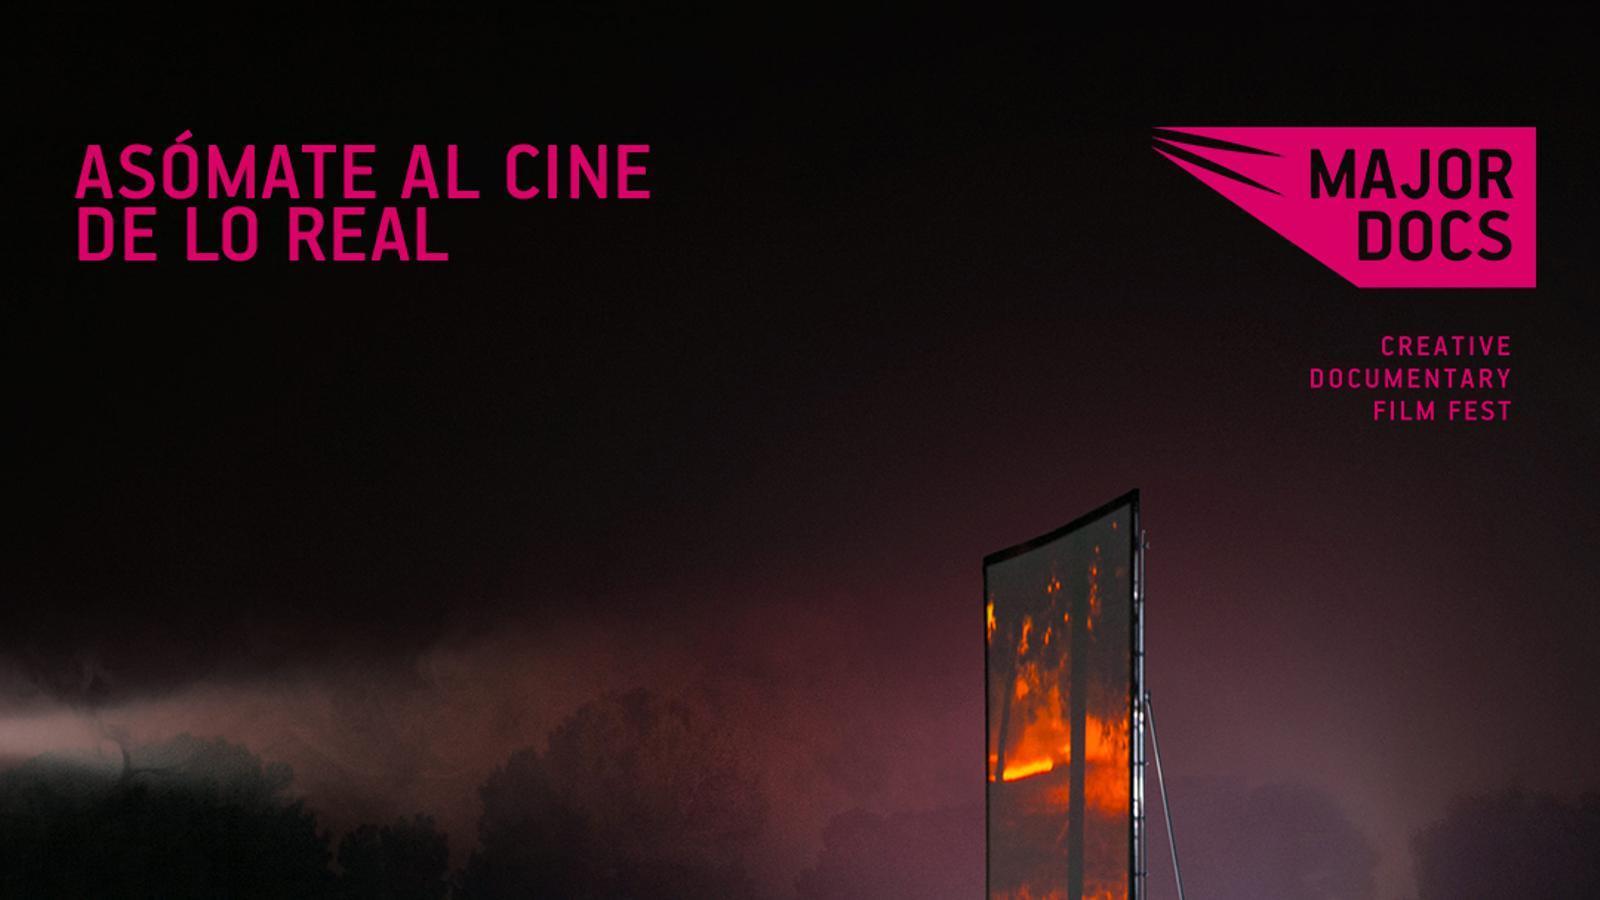 Imatge promocional del MajorDocs